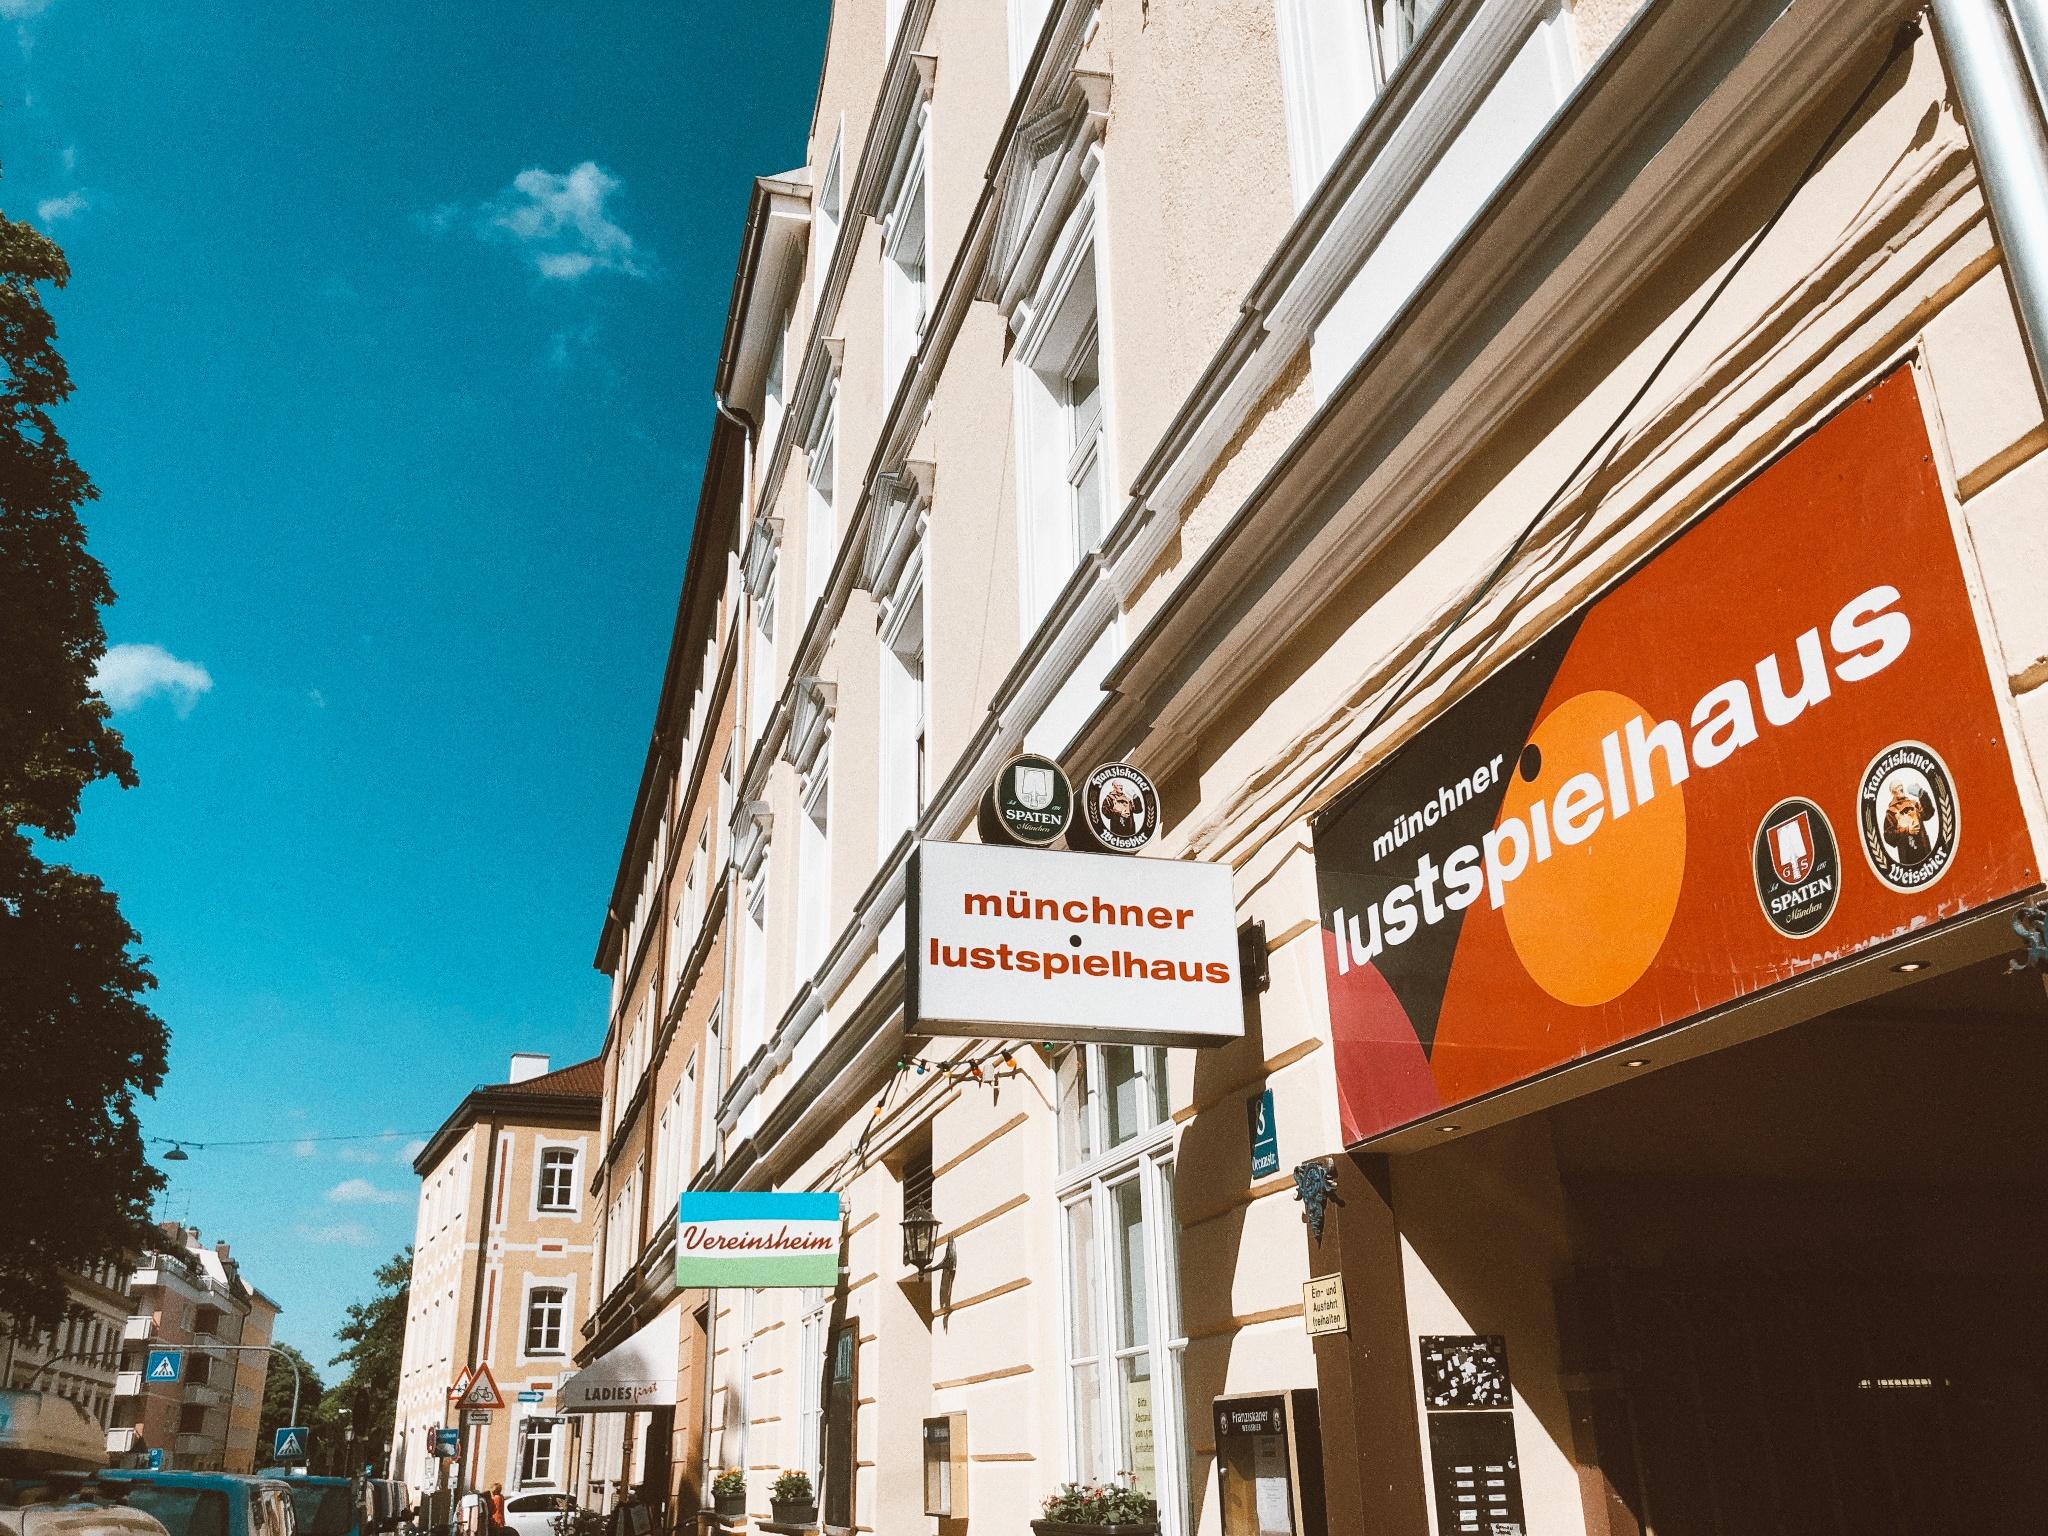 Lustspielhaus • Night-Life » outdooractive.com